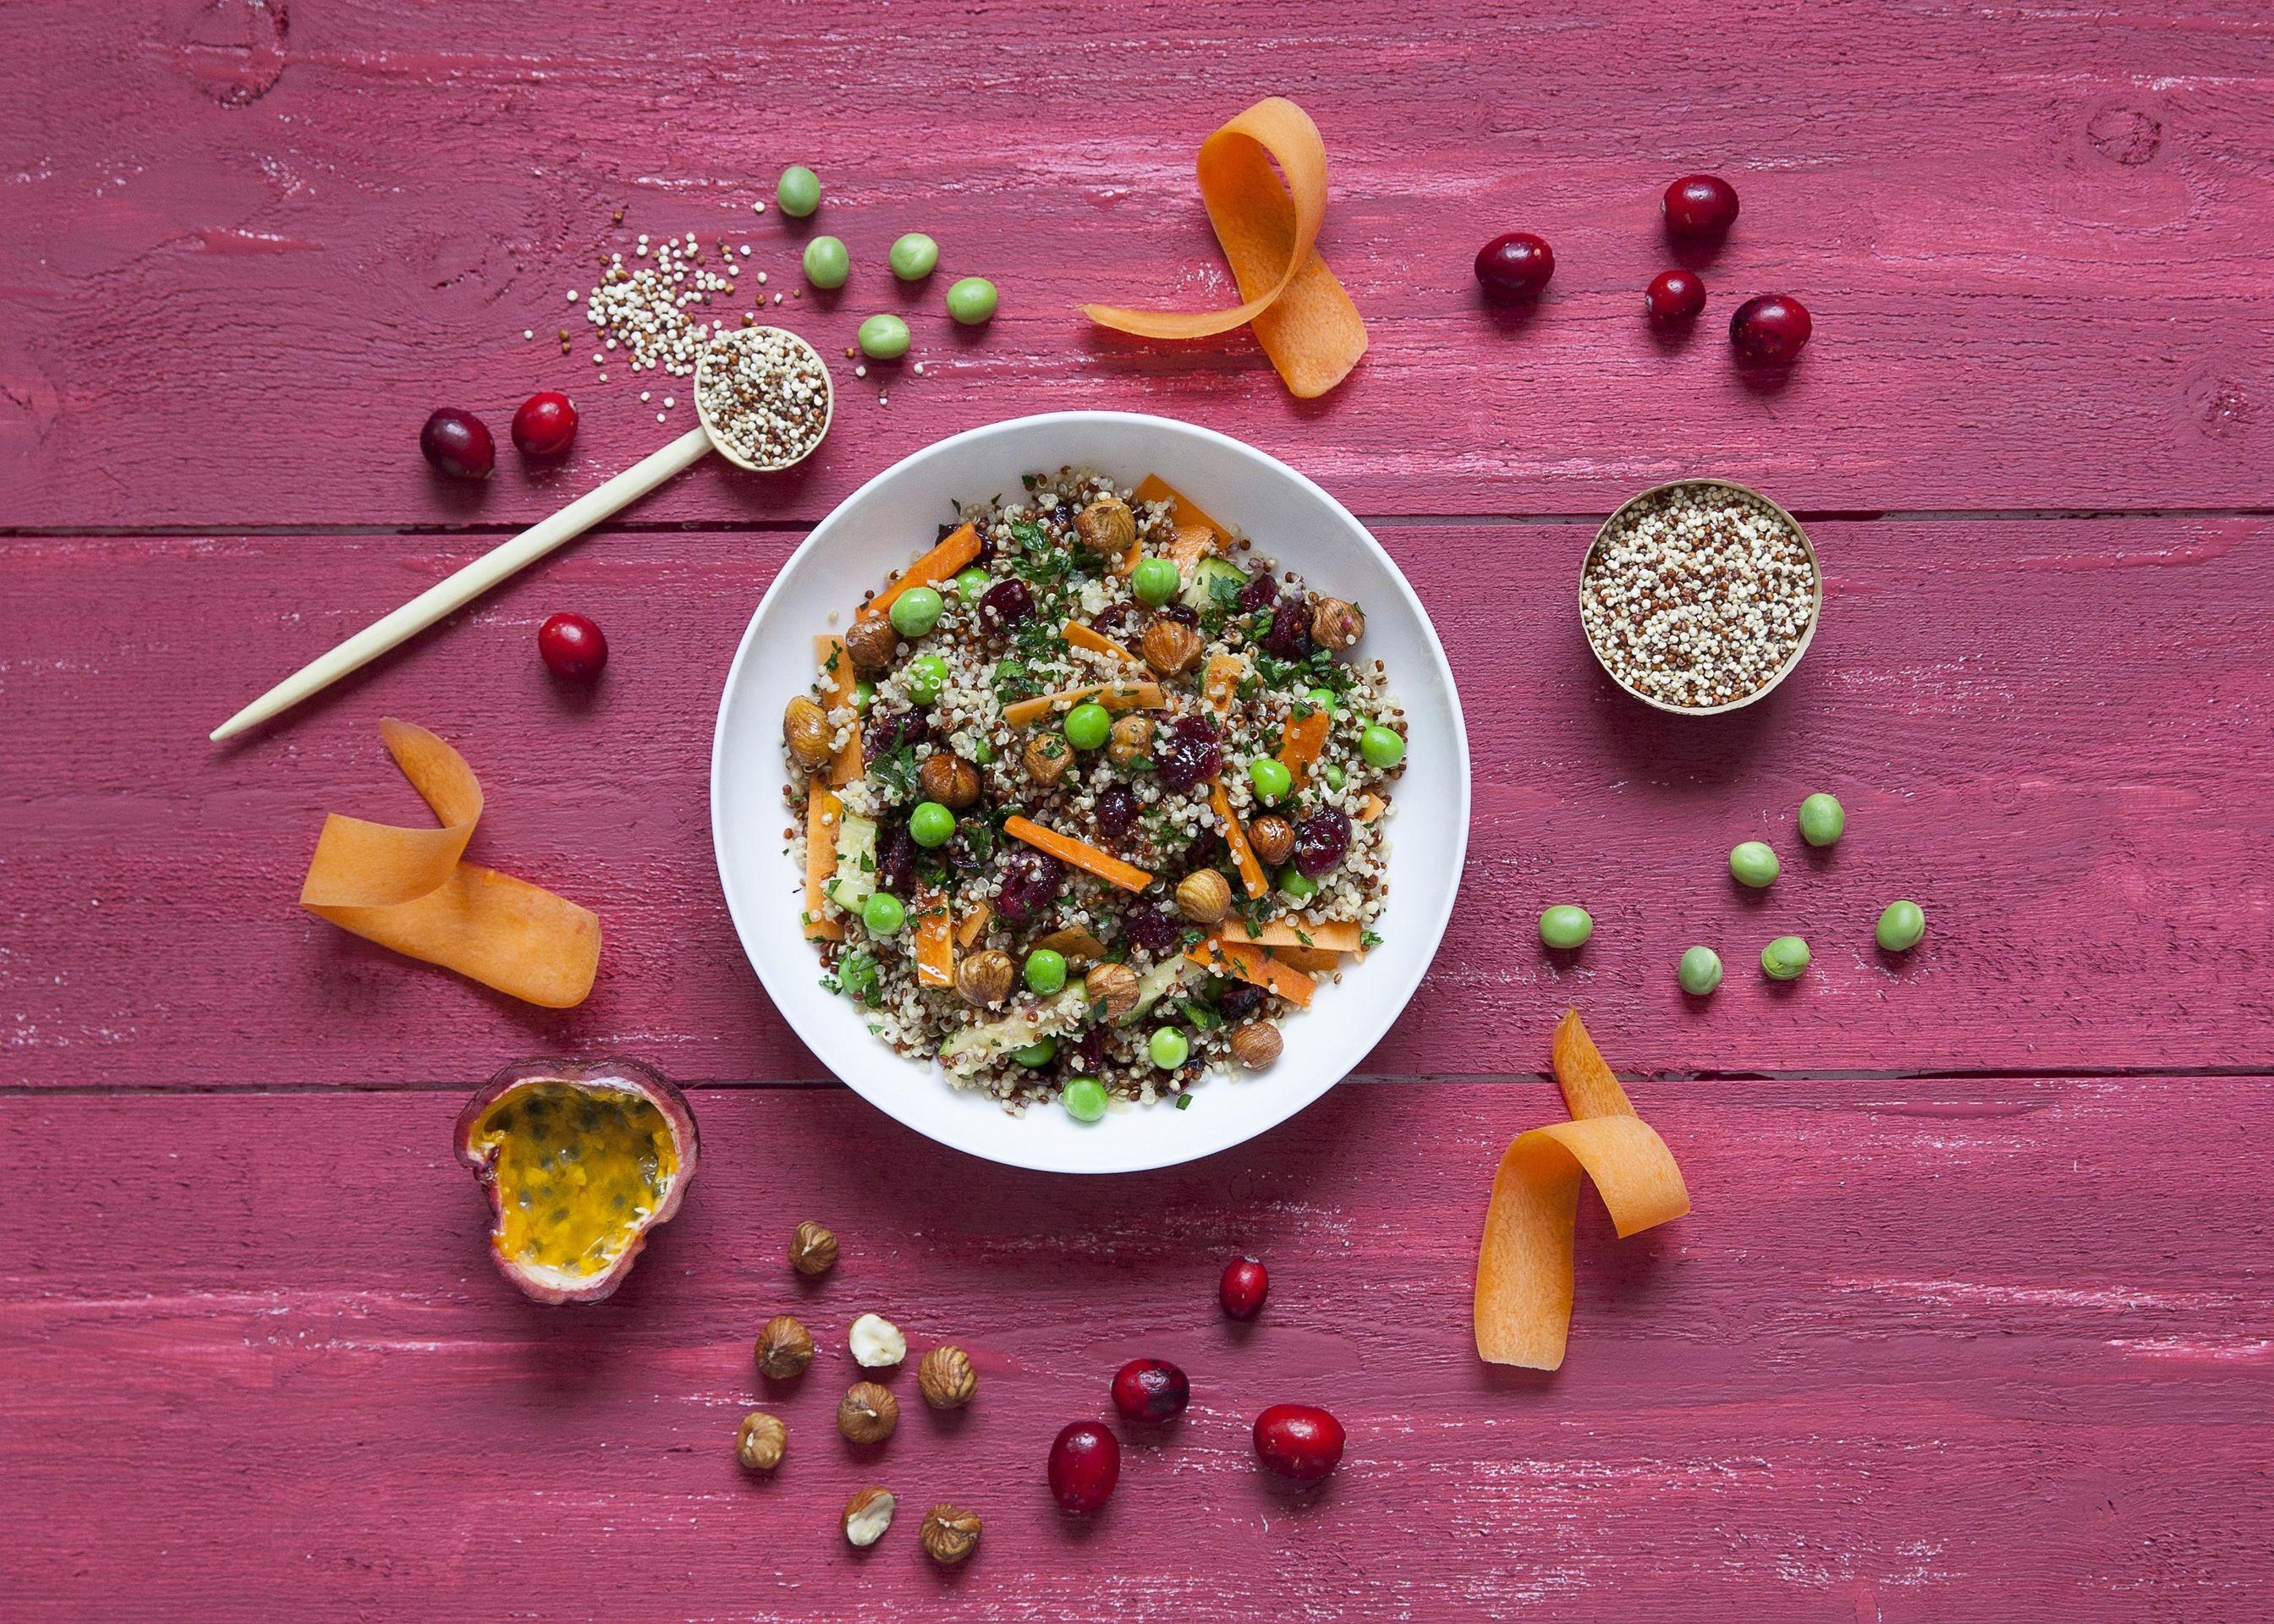 Les idées légumineuses - Duo Quinoa Pois doux